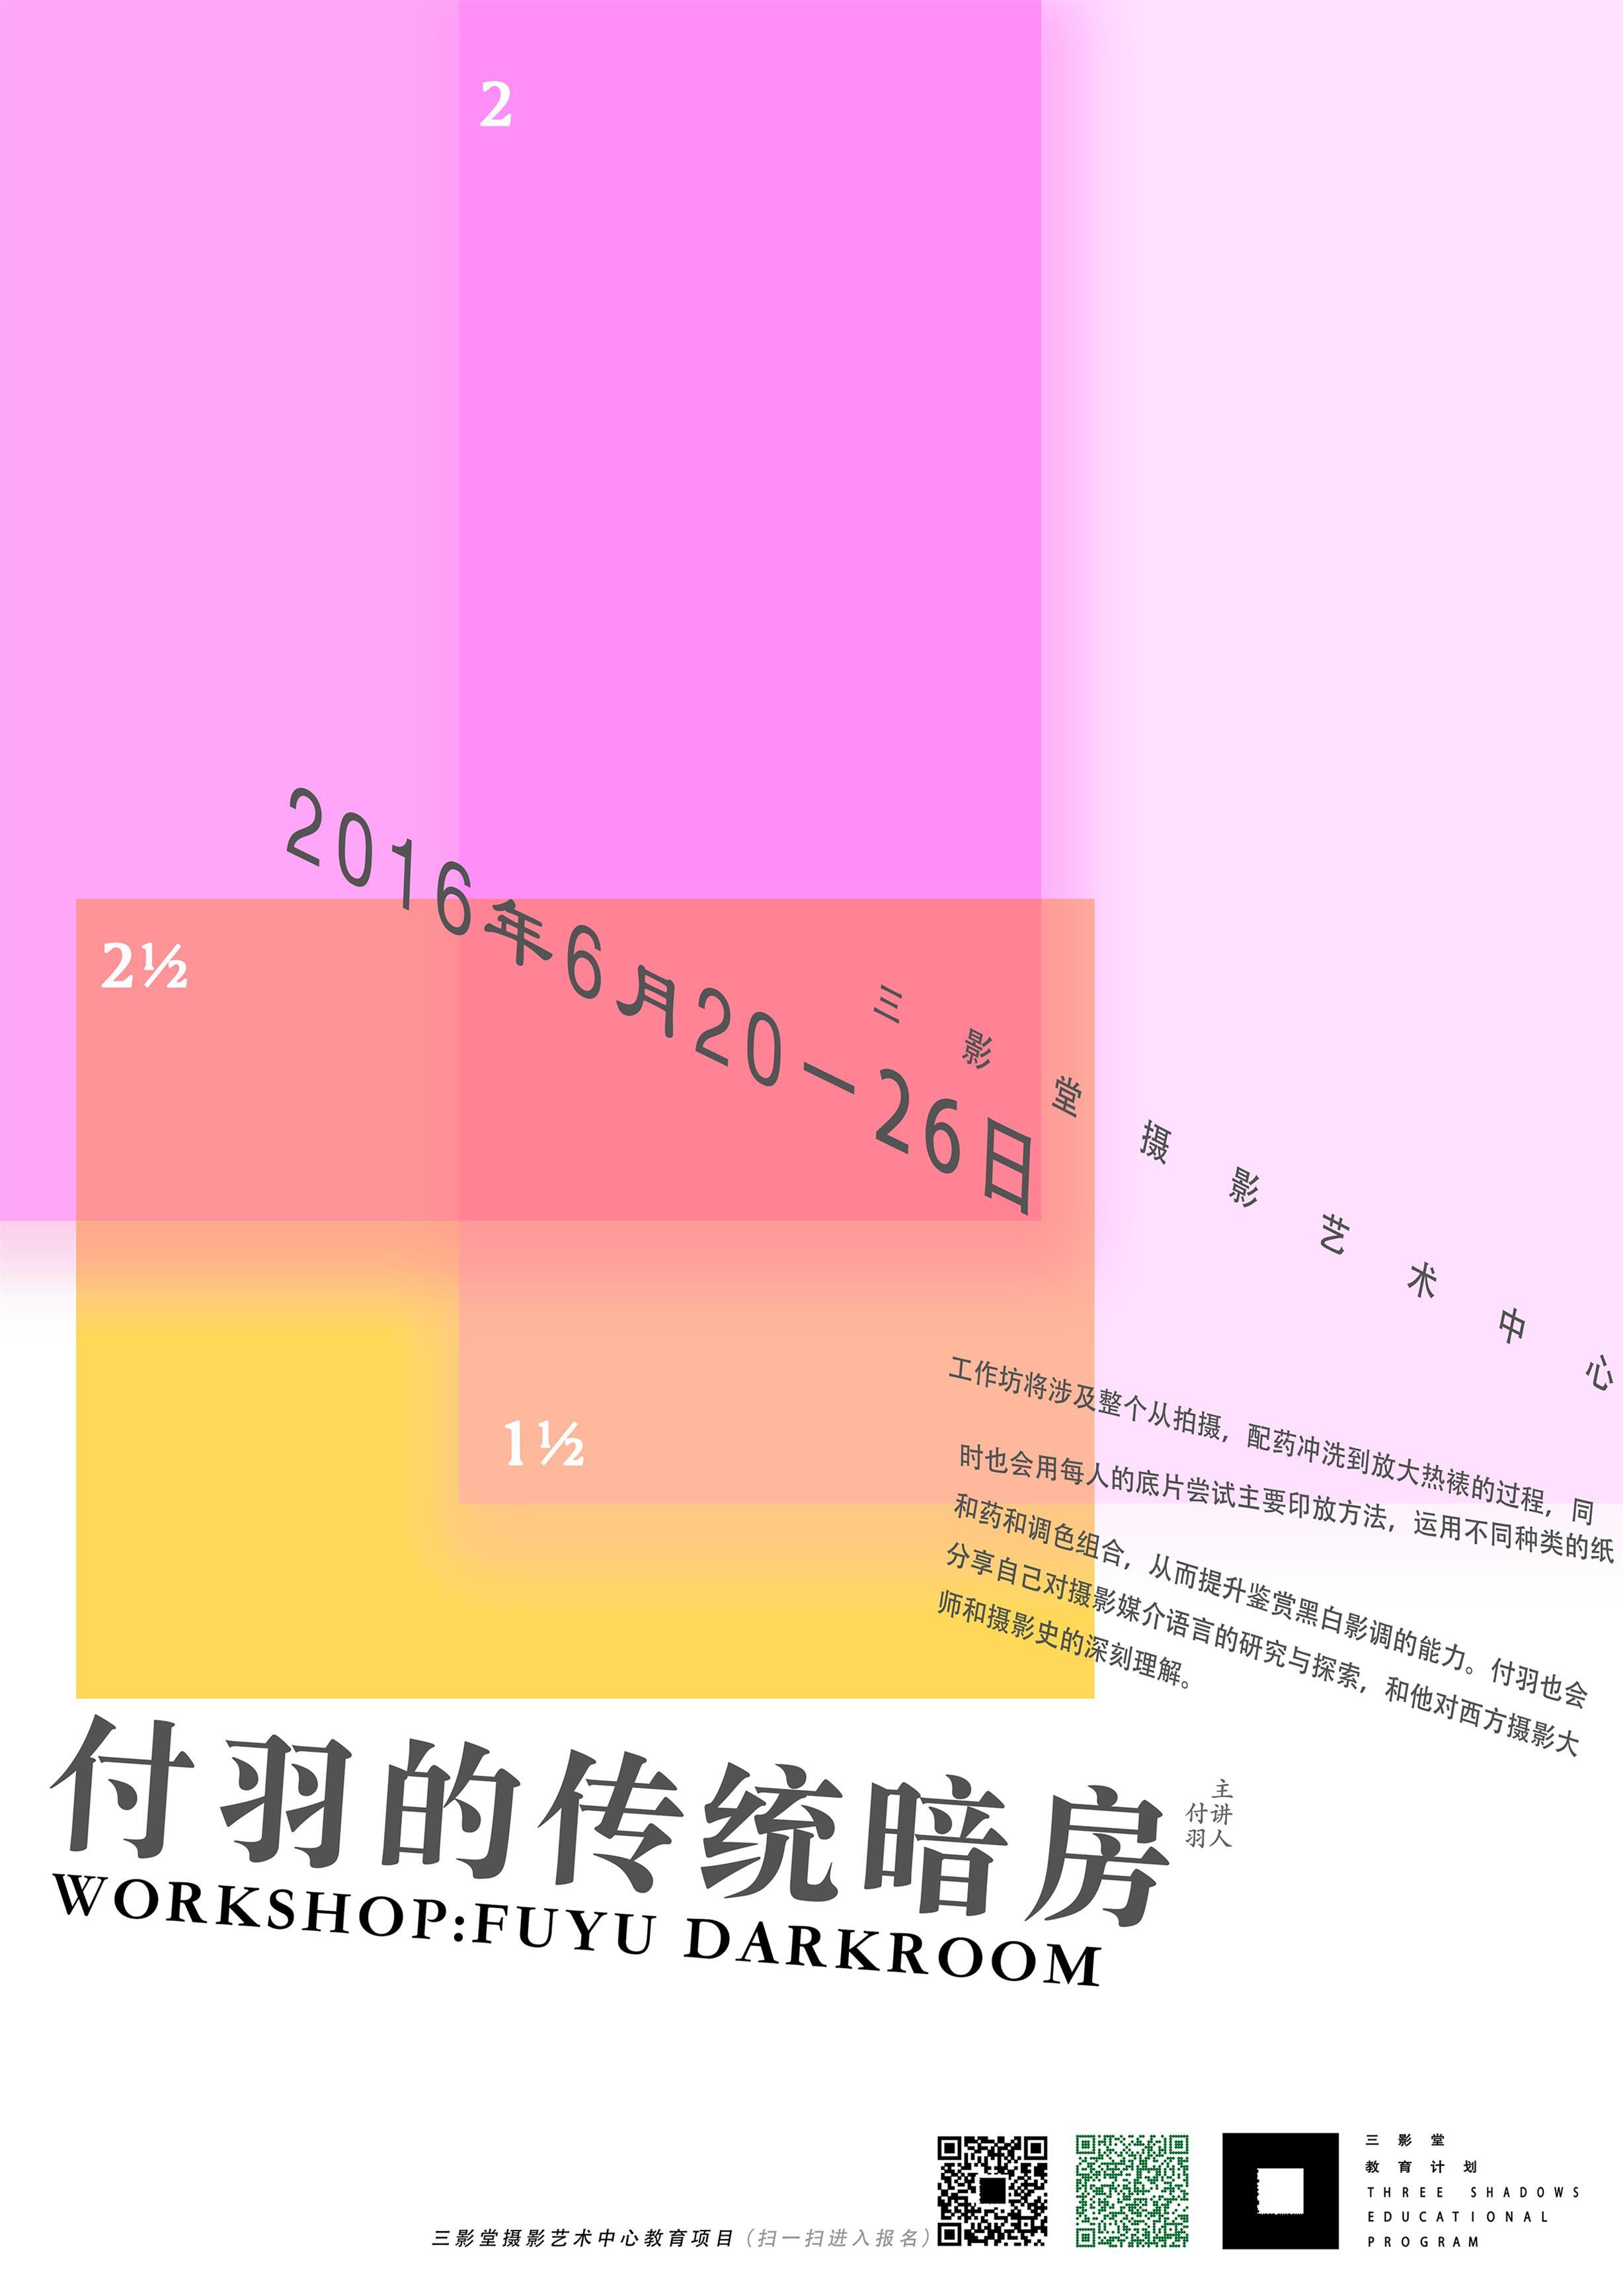 2016 付羽:传统暗房工作坊 | 北京